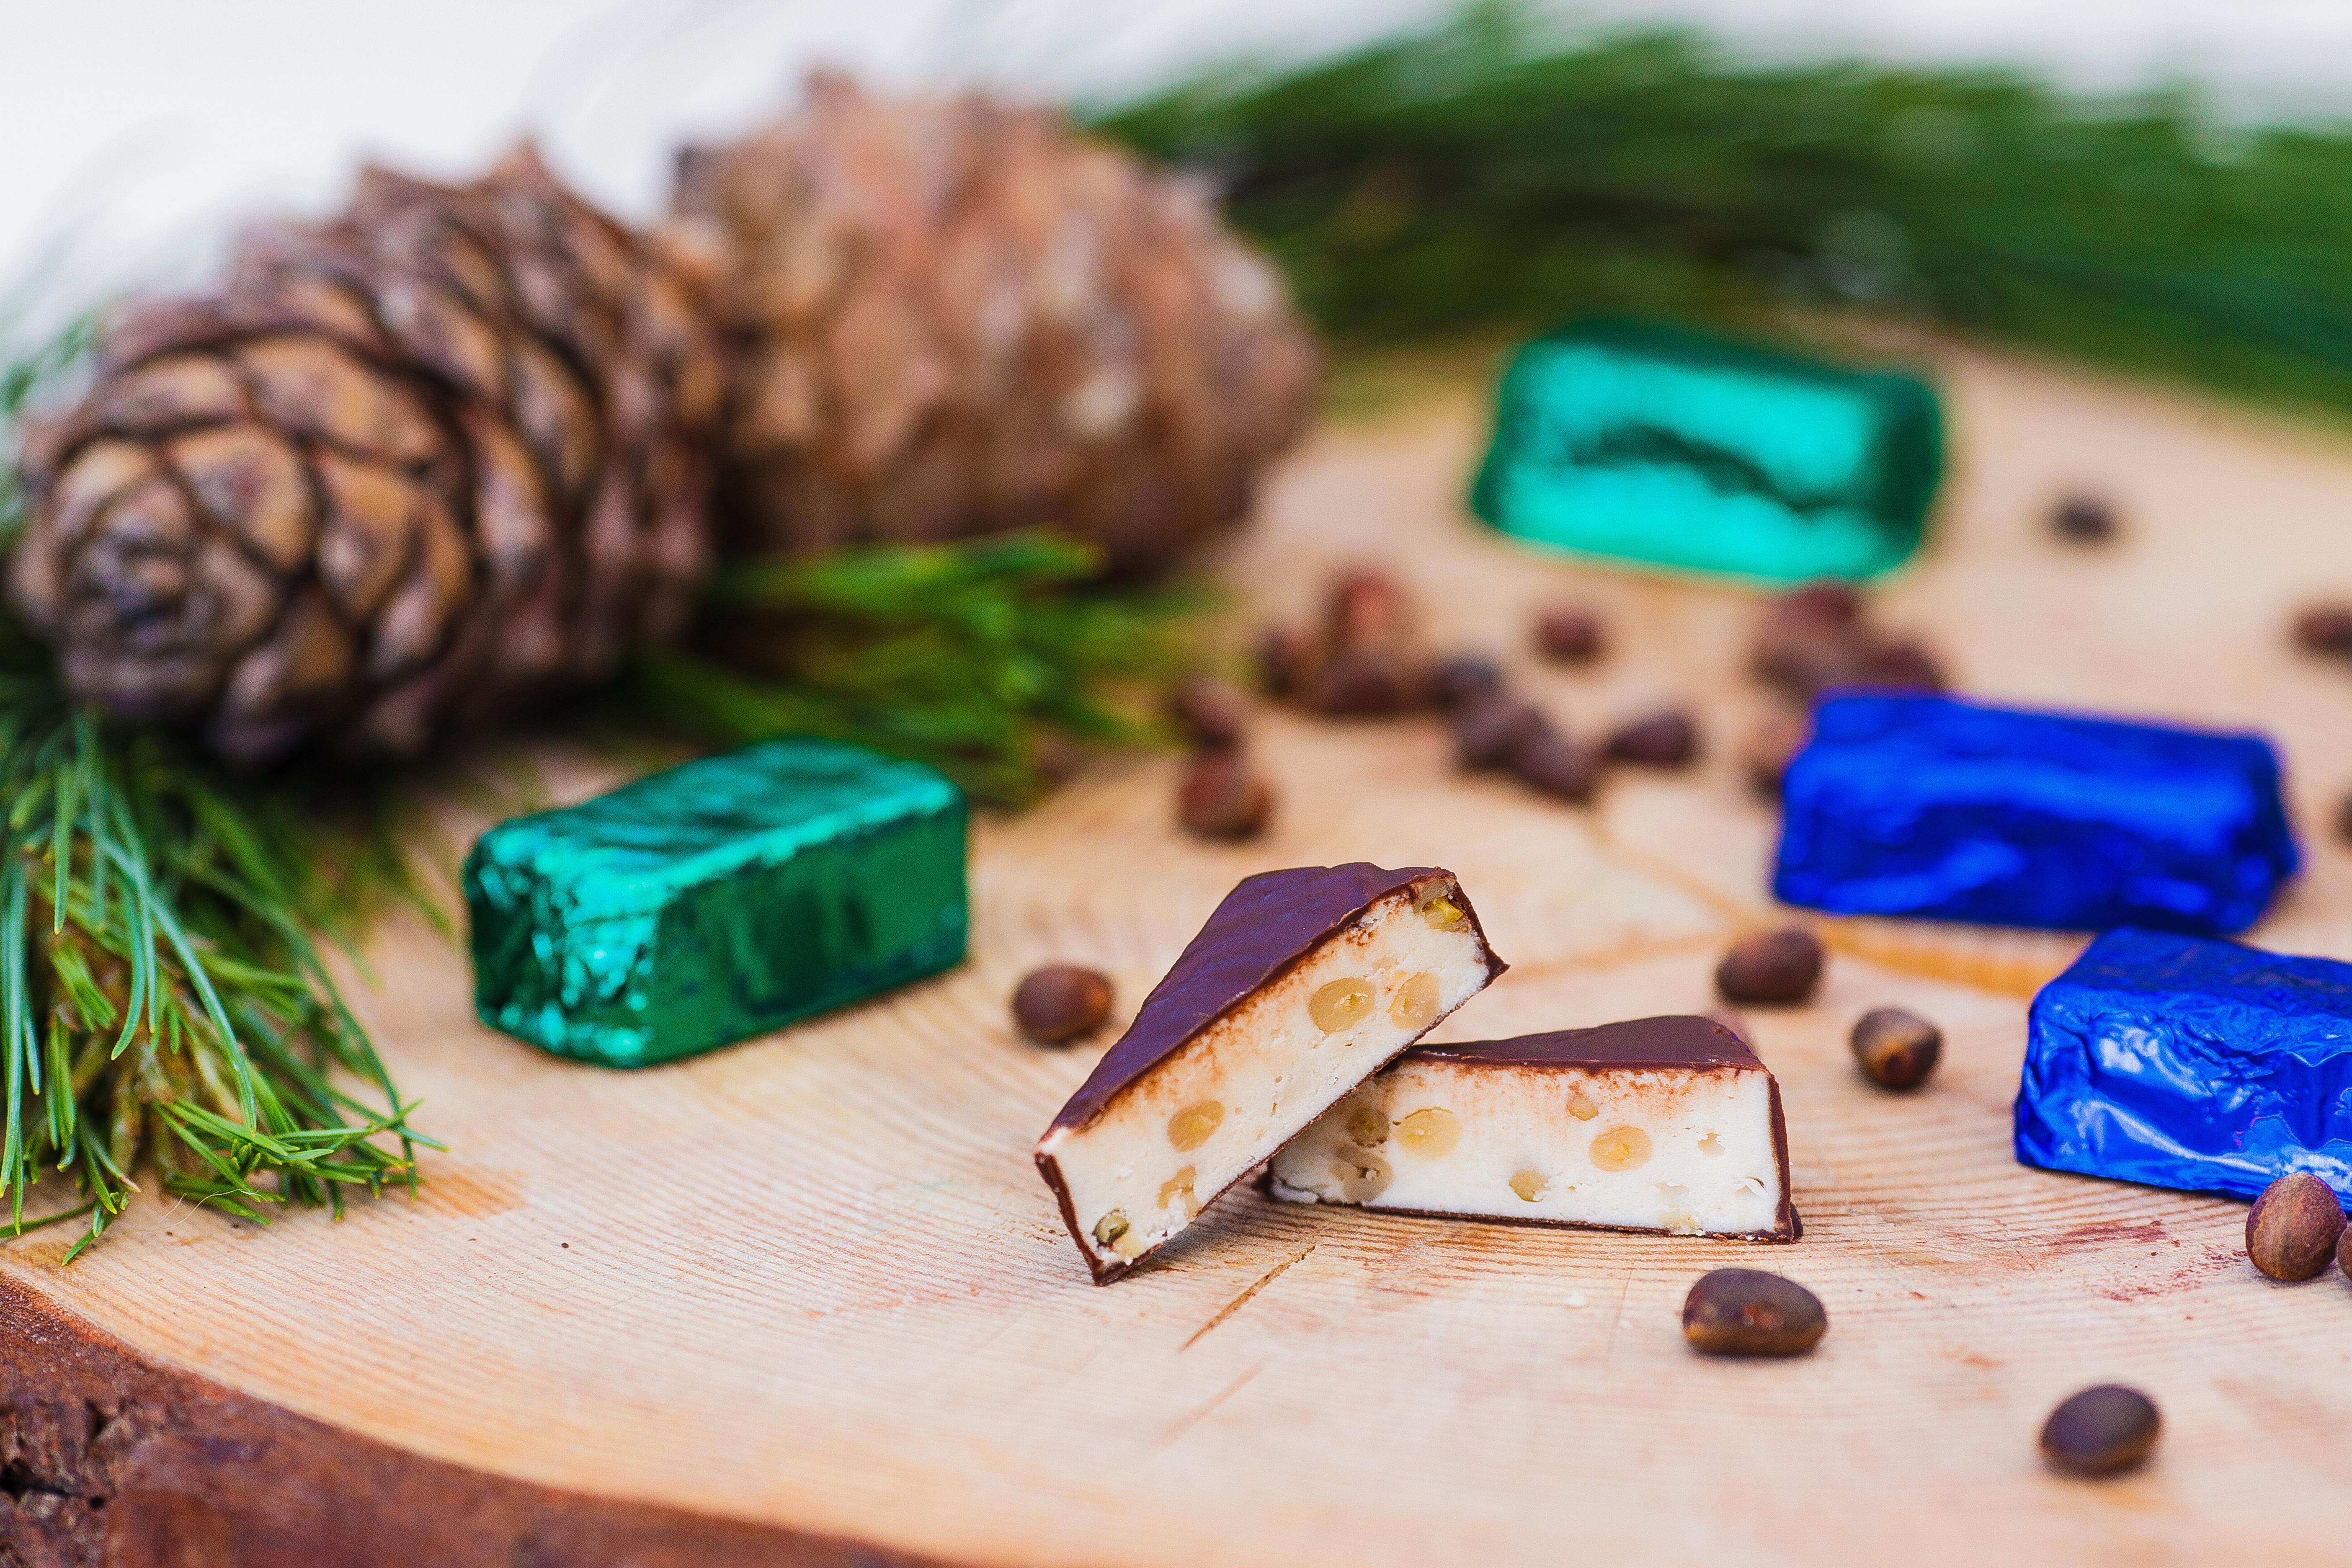 Орехи в том числе и кедровые, сухофрукты и элитные кондитерские изделия, варенье из таёжных ягод, таёжный мед. Подарки на Новый Год!